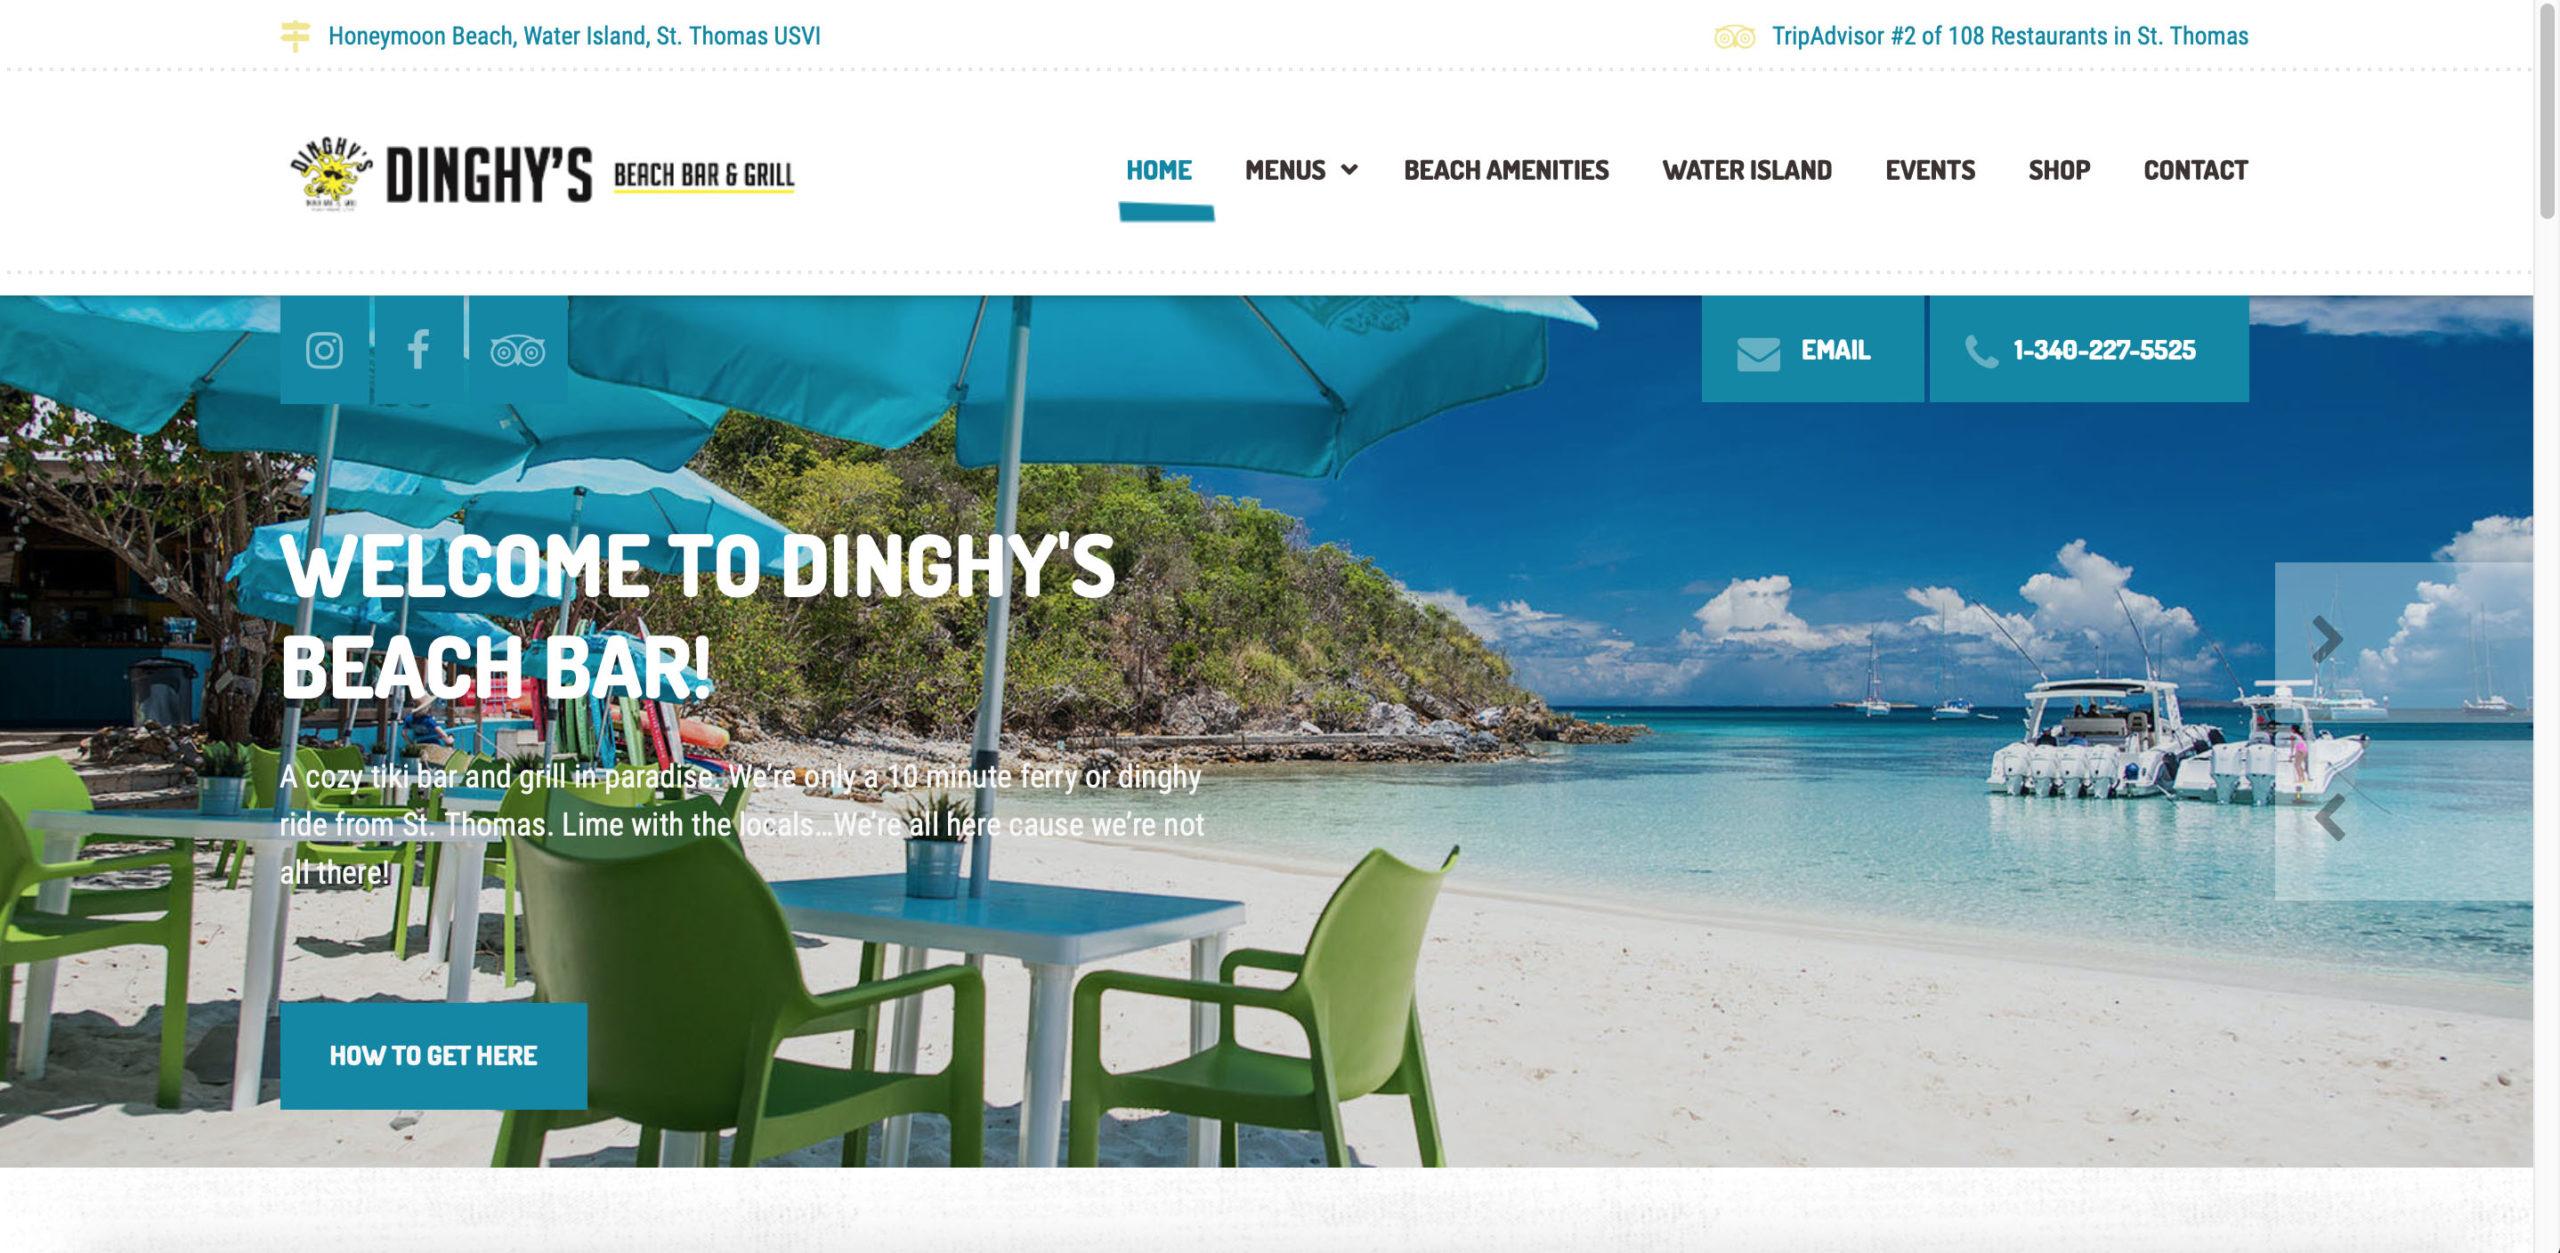 Dinghy's Beach Bar & Grill